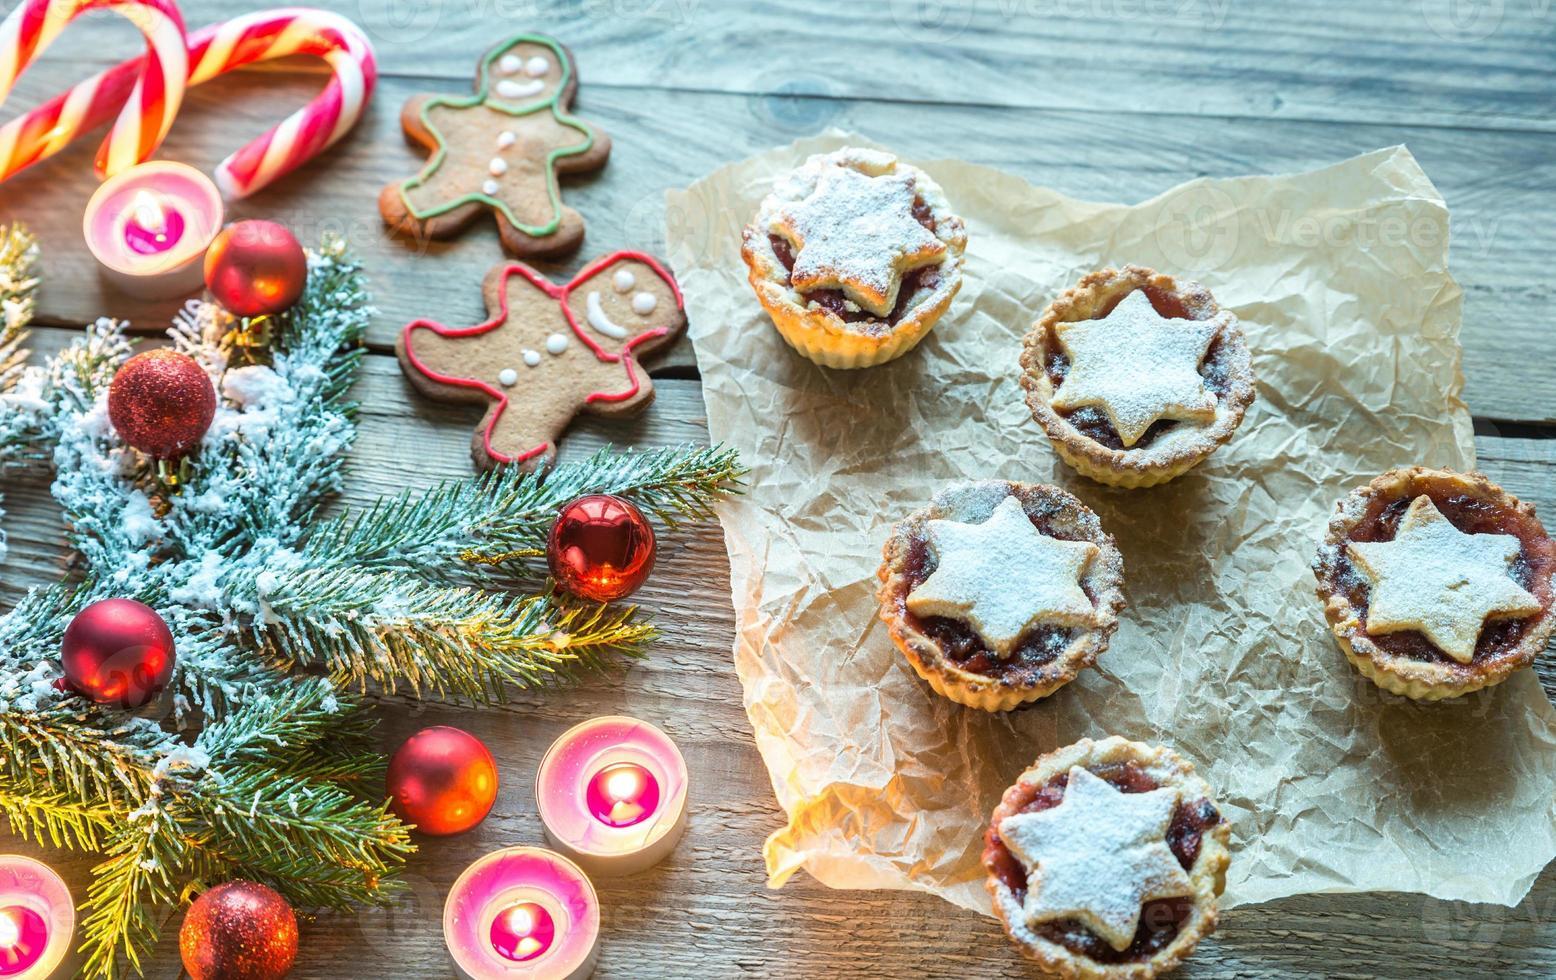 verzierter Weihnachtsbaumzweig mit Feiertagsgebäck foto